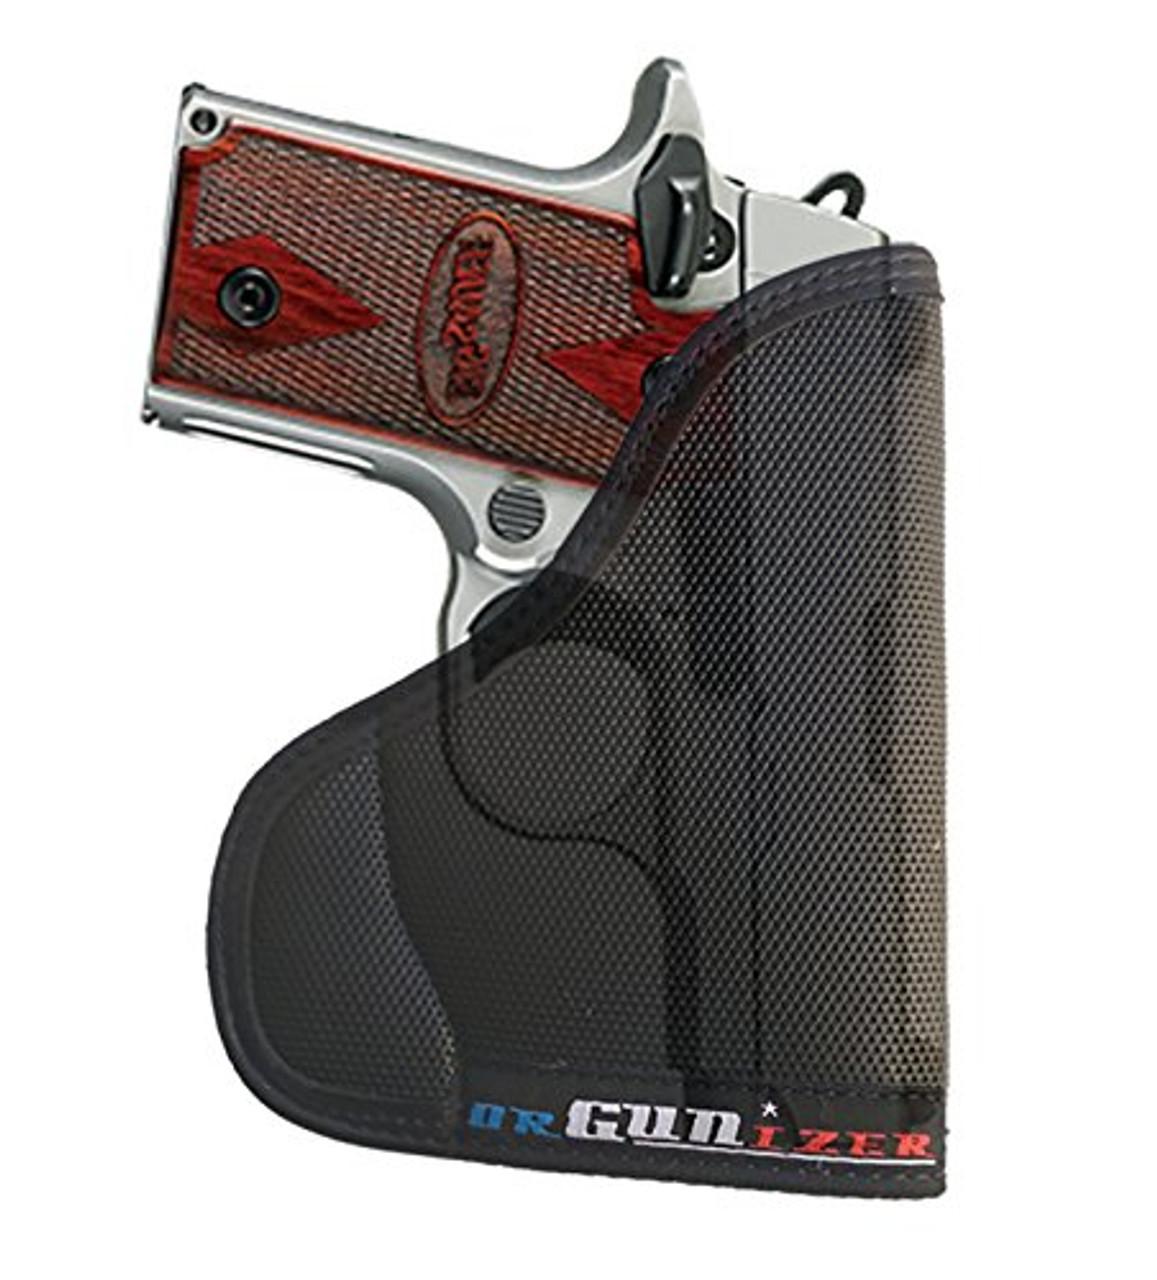 Garrison Grip Custom Fit Leather-Trimmed Pocket Holster Concealed Carry  Comfort, Sig Sauer P290 (D)